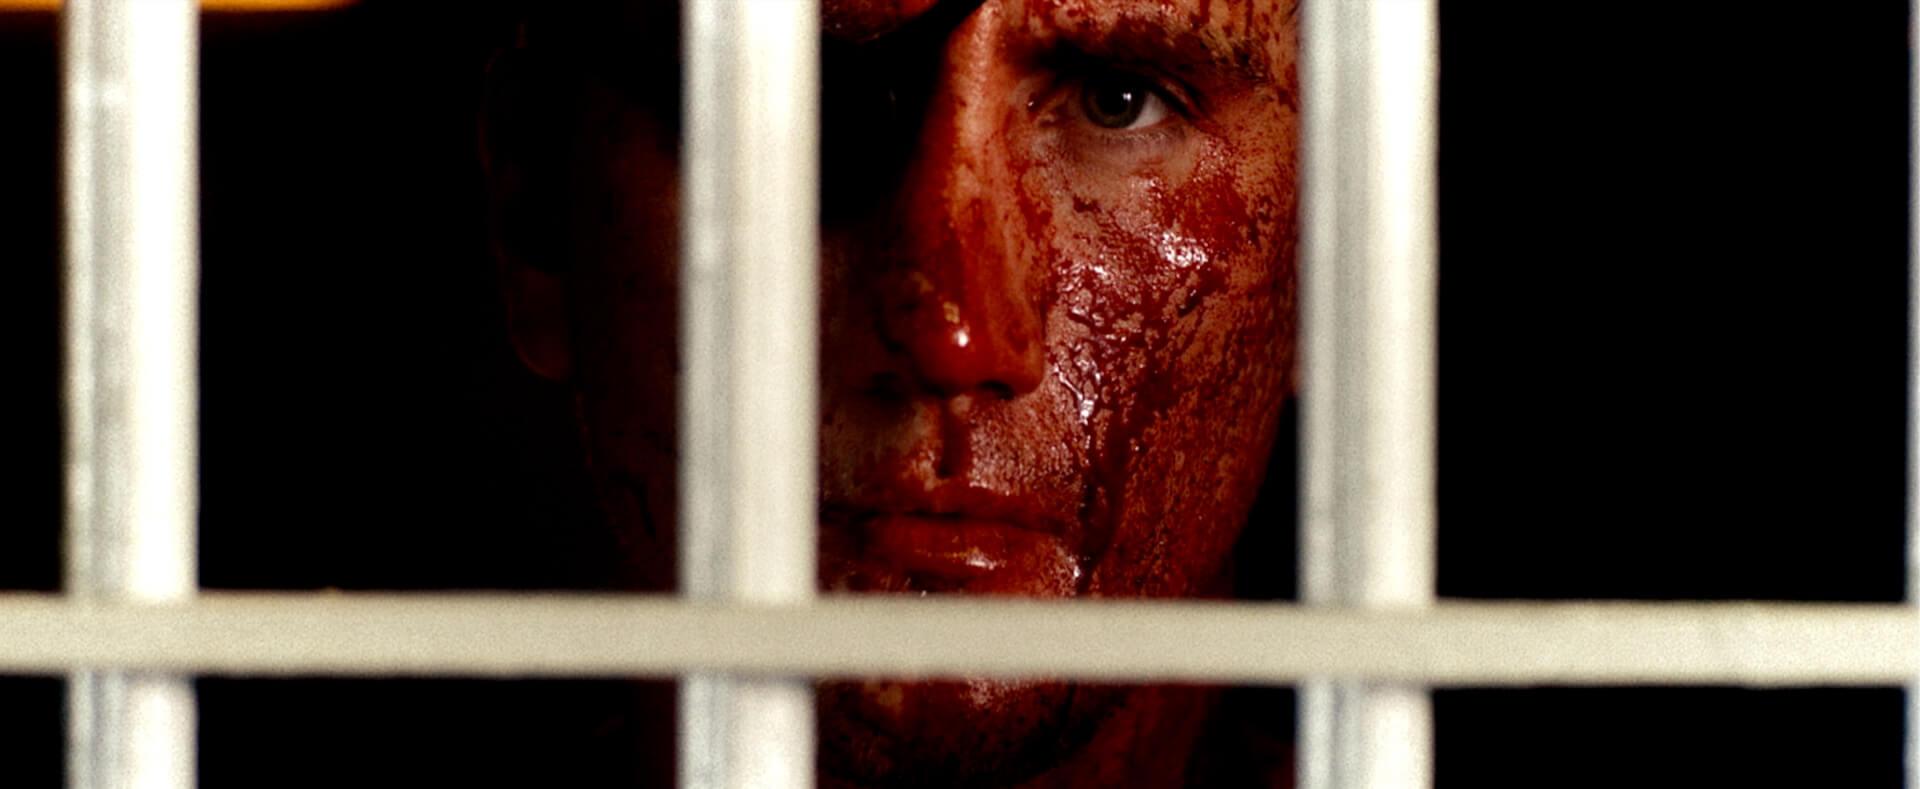 【チケプレ!】スレイヤーの轟音上映会でヘッドバンギング!ライブ・フィルム『SLAYER:THE REPENTLESS KILLOGY』のZepp上映会に計10組20名様をご招待! film191225_slayer_film_2